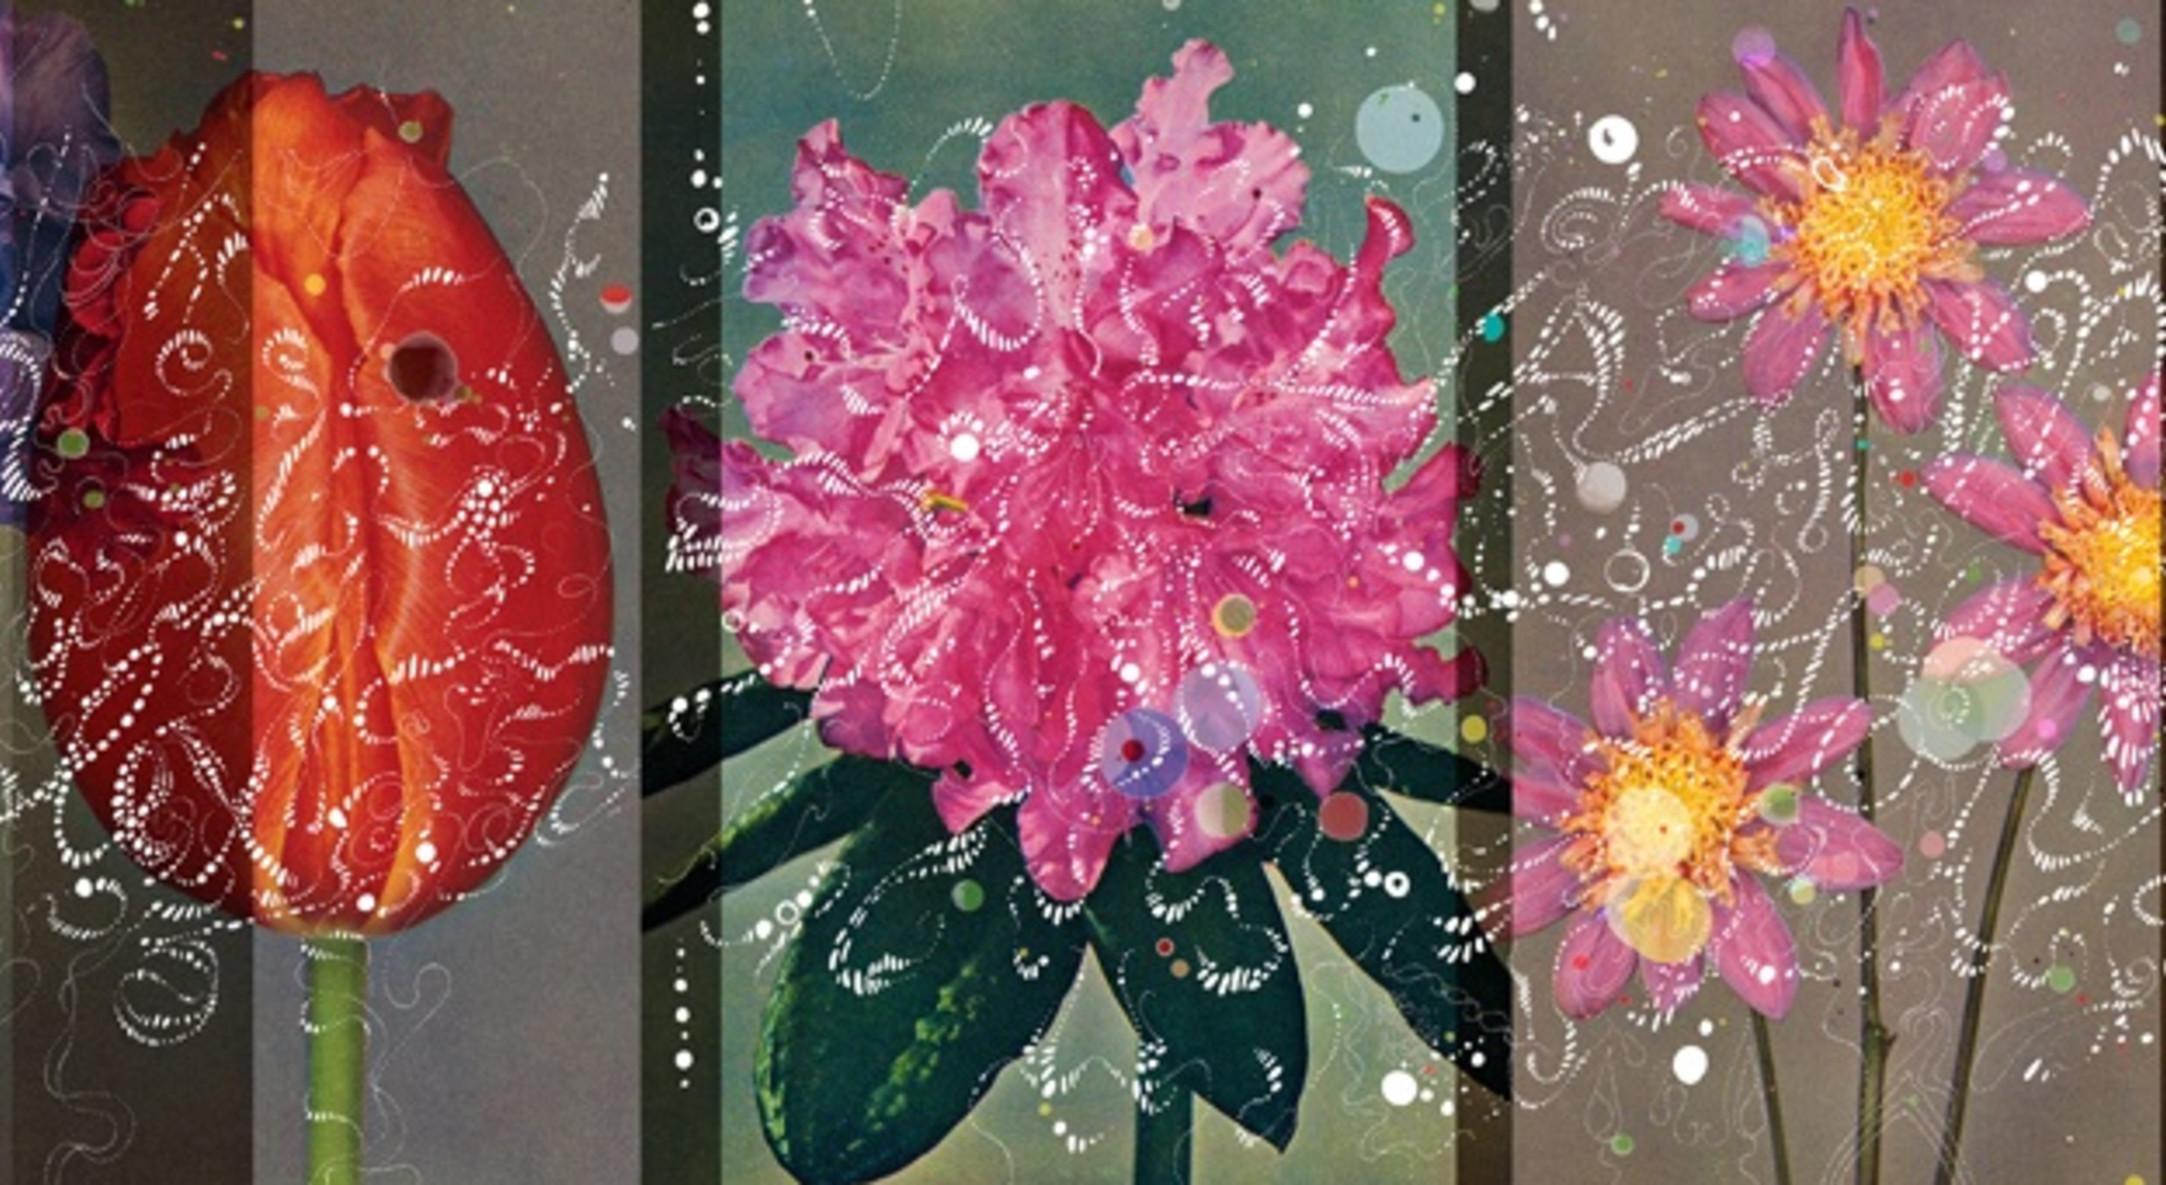 Sebastiaan Bremer, Bloom, 2019 (detail)